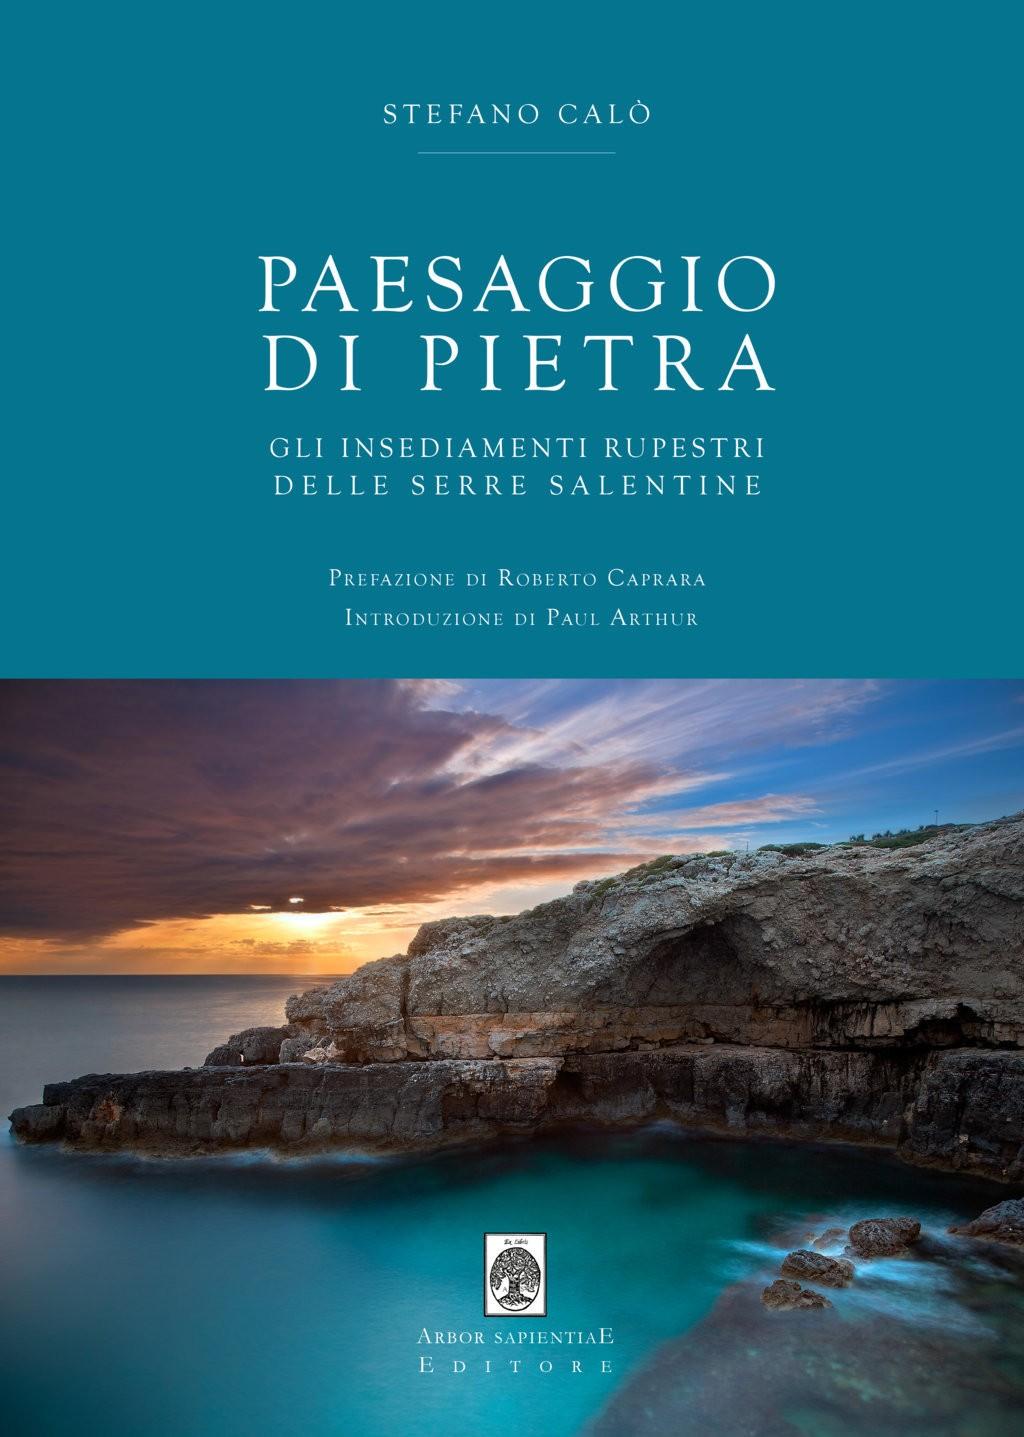 Copertina del volume PAESAGGIO DI PIETRA. GLI INSEDIAMENTI RUPESTRI DELLE TERRE SALENTINE.